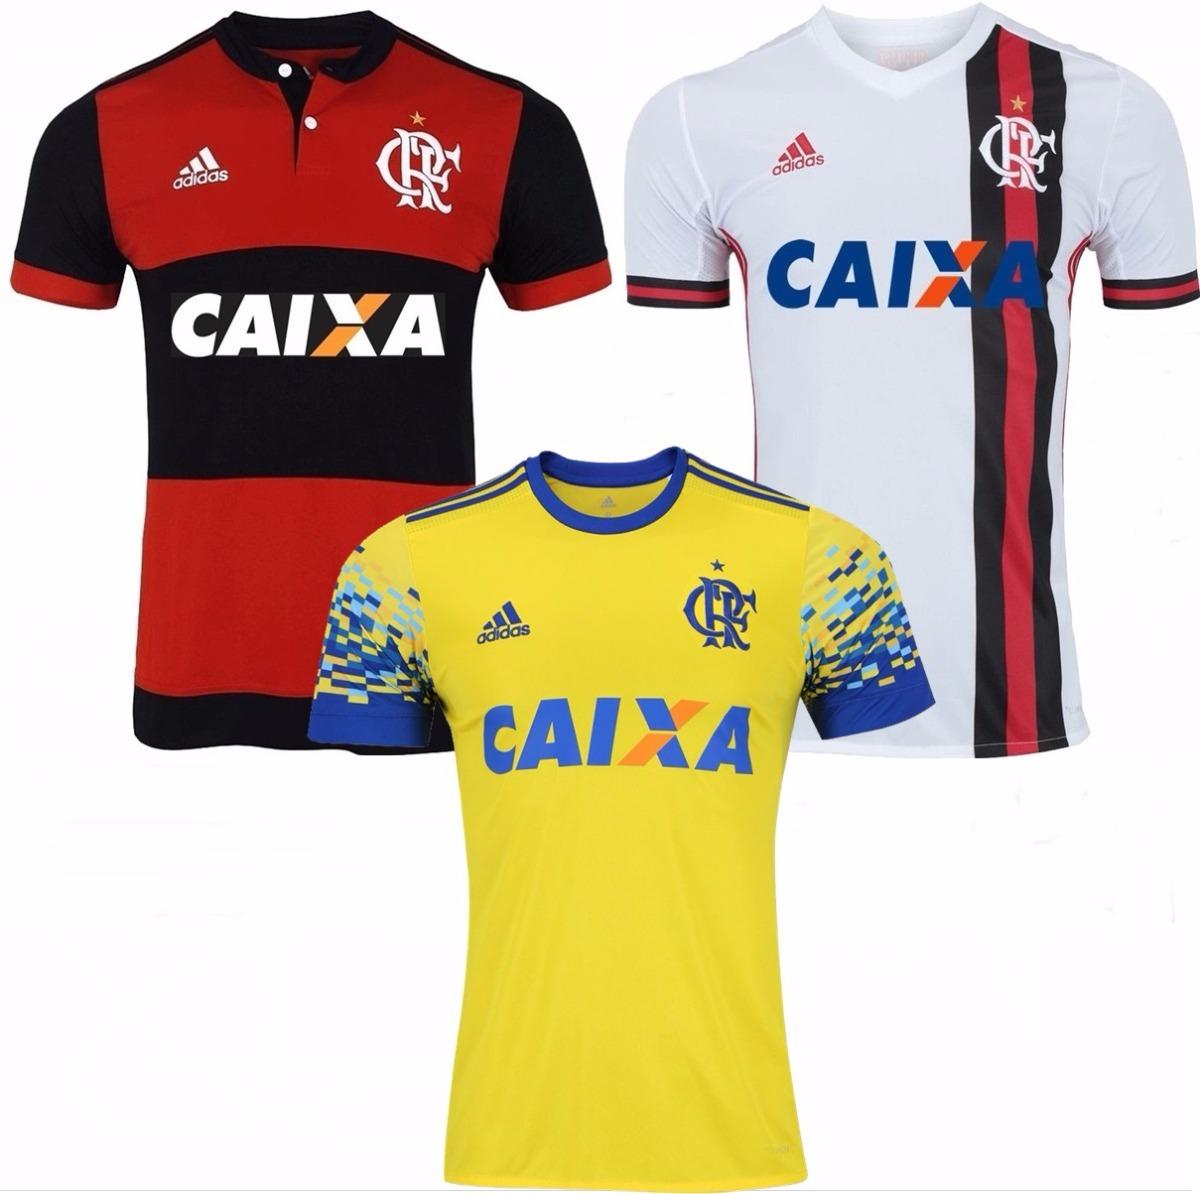 4370fdbceaee8 3 camisas do flamengo 2018 uniforme 1 e 2 promoção f gratis. Carregando  zoom.